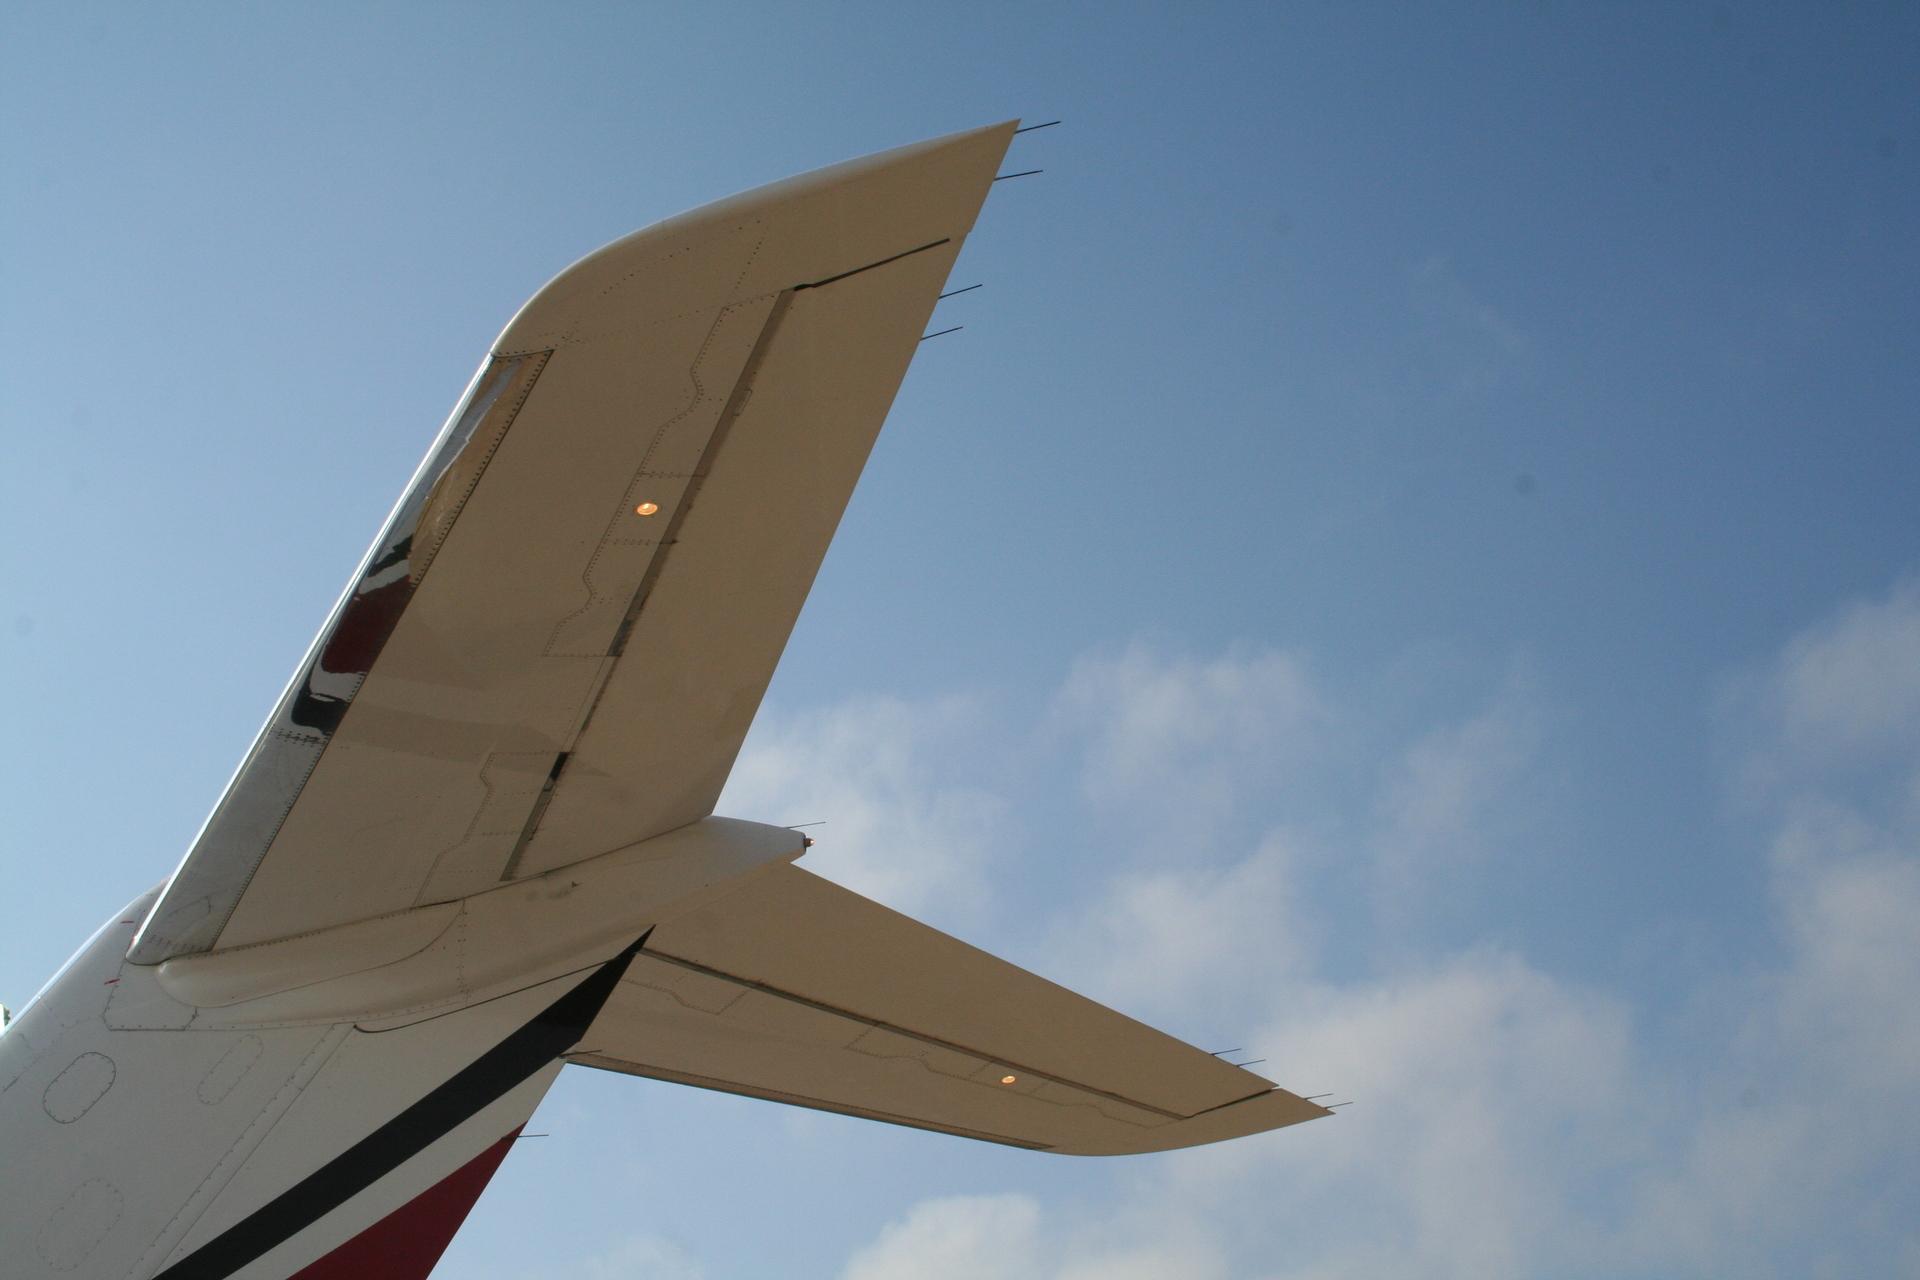 aeroplane-tail-1177657-1920×1280